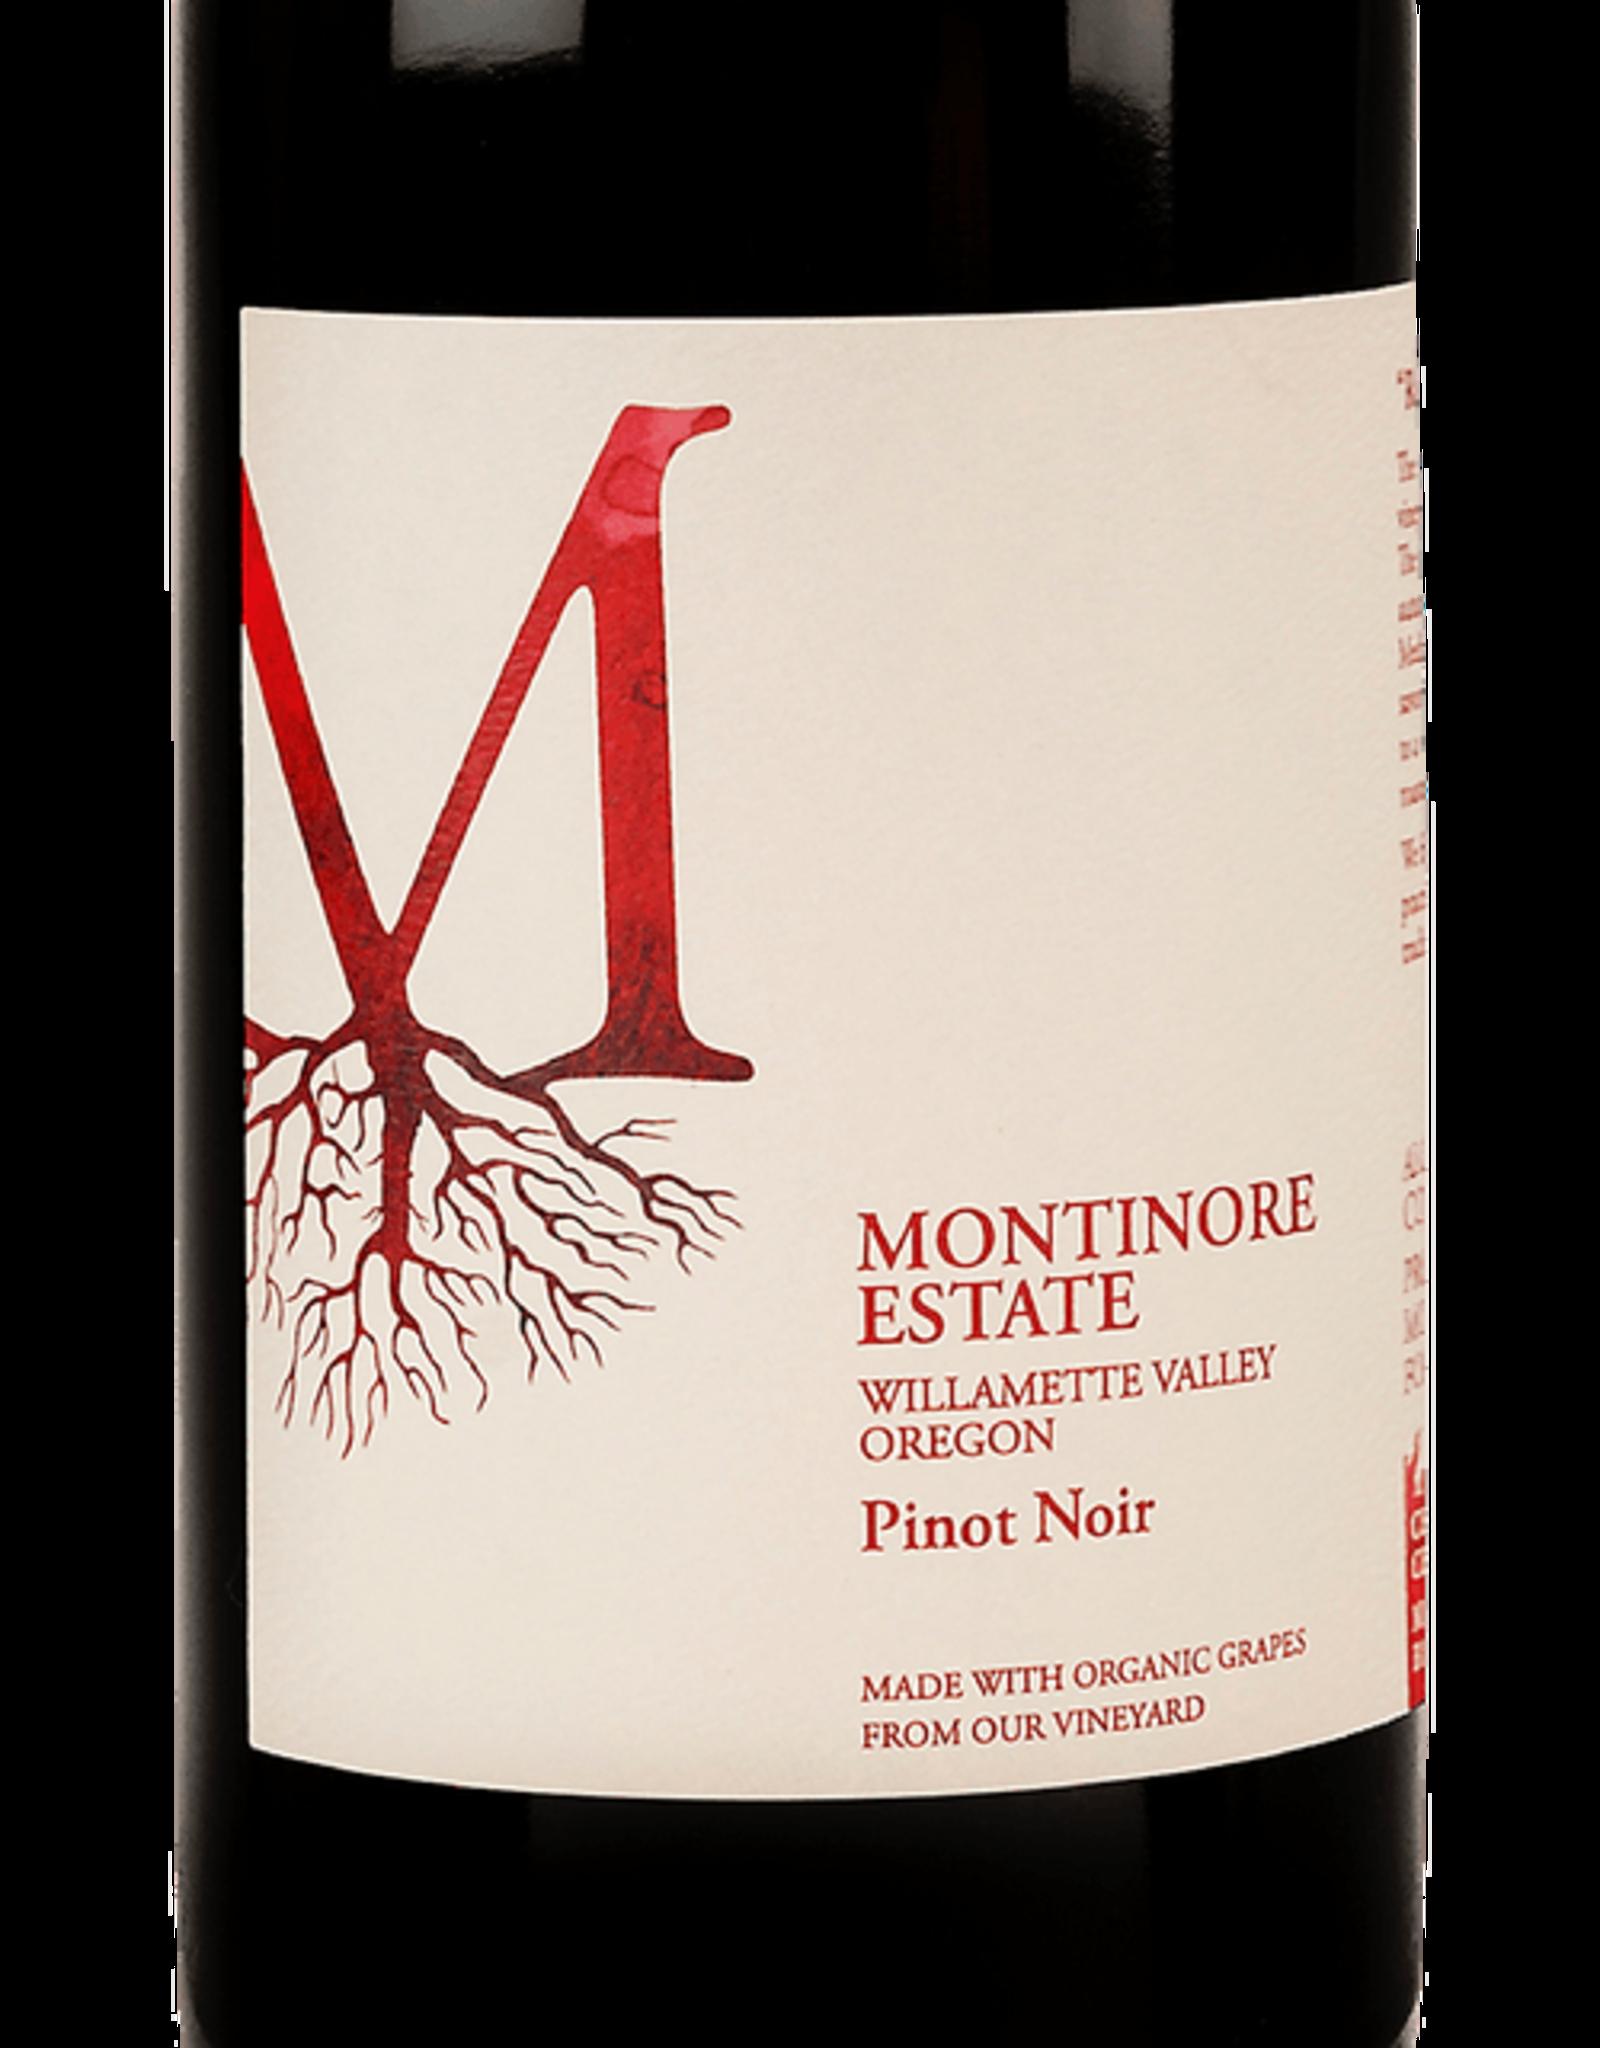 Montinore Pinot Noir 2016